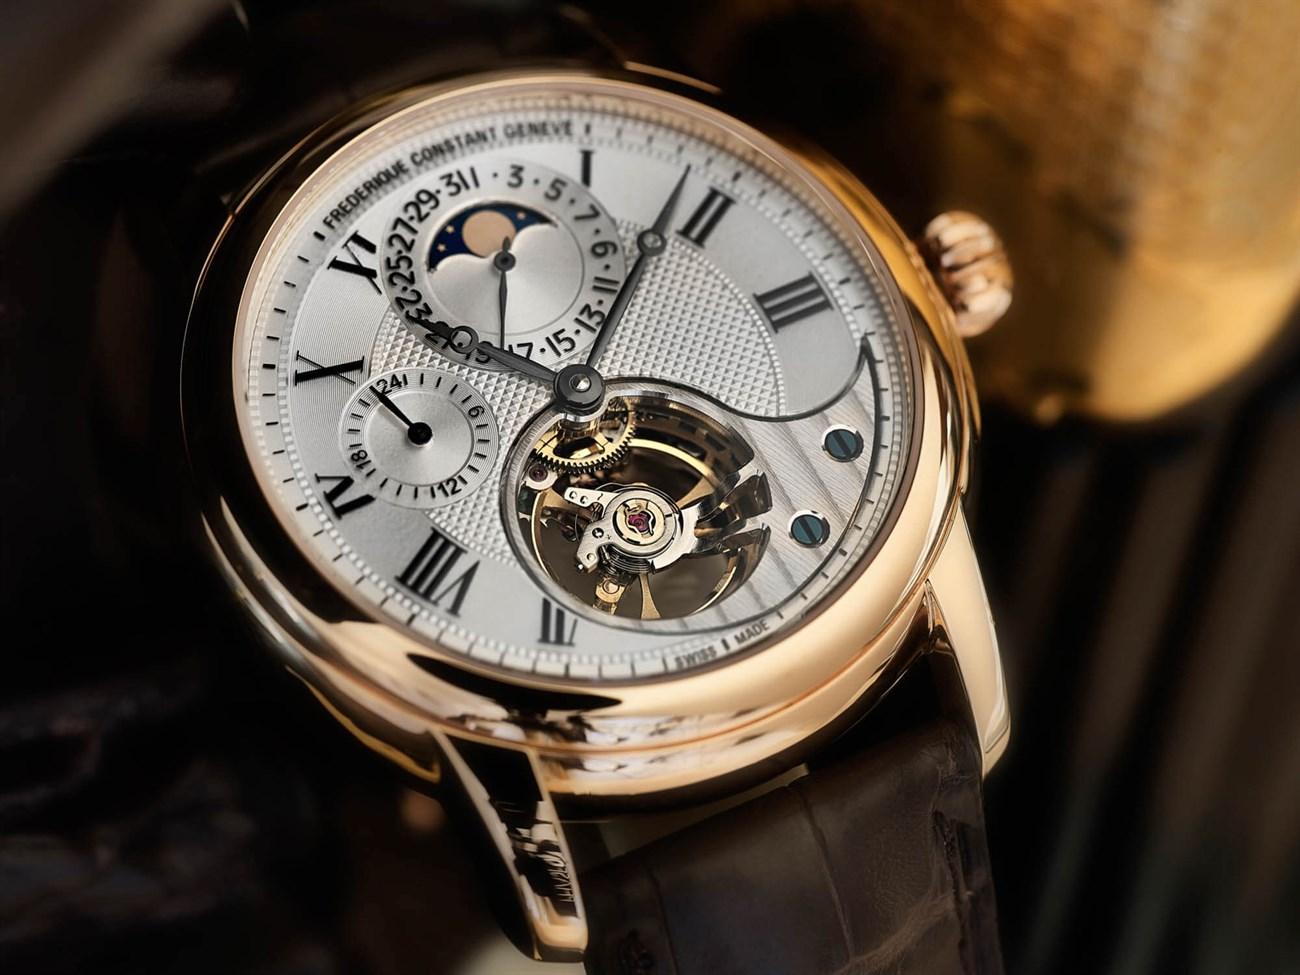 Đồng hồ Thụy Sỹ với chất lượng tuyệt hảo